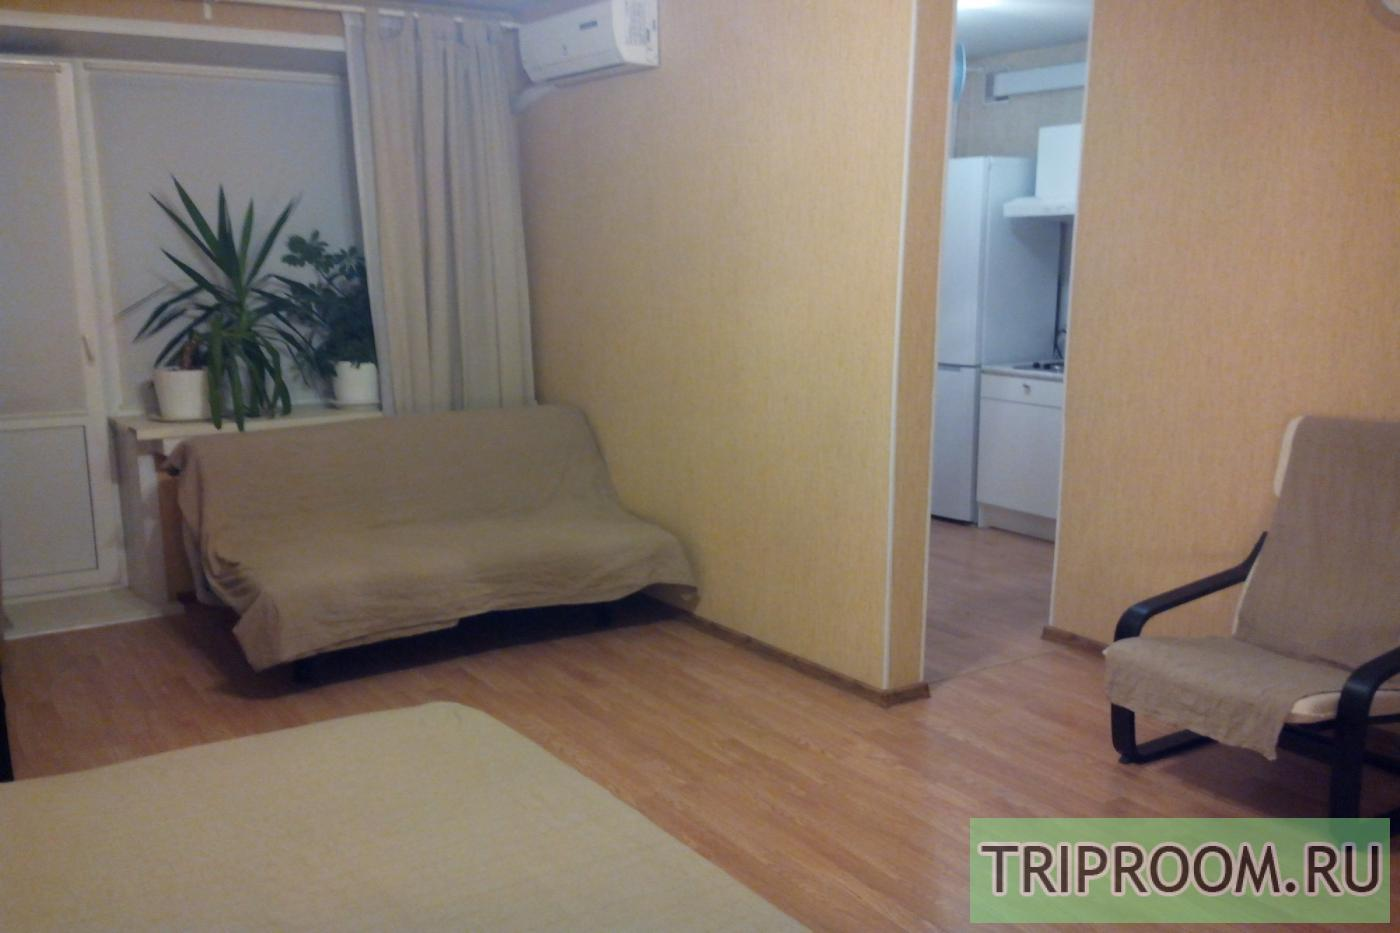 1-комнатная квартира посуточно (вариант № 5966), ул. Гоголя улица, фото № 25